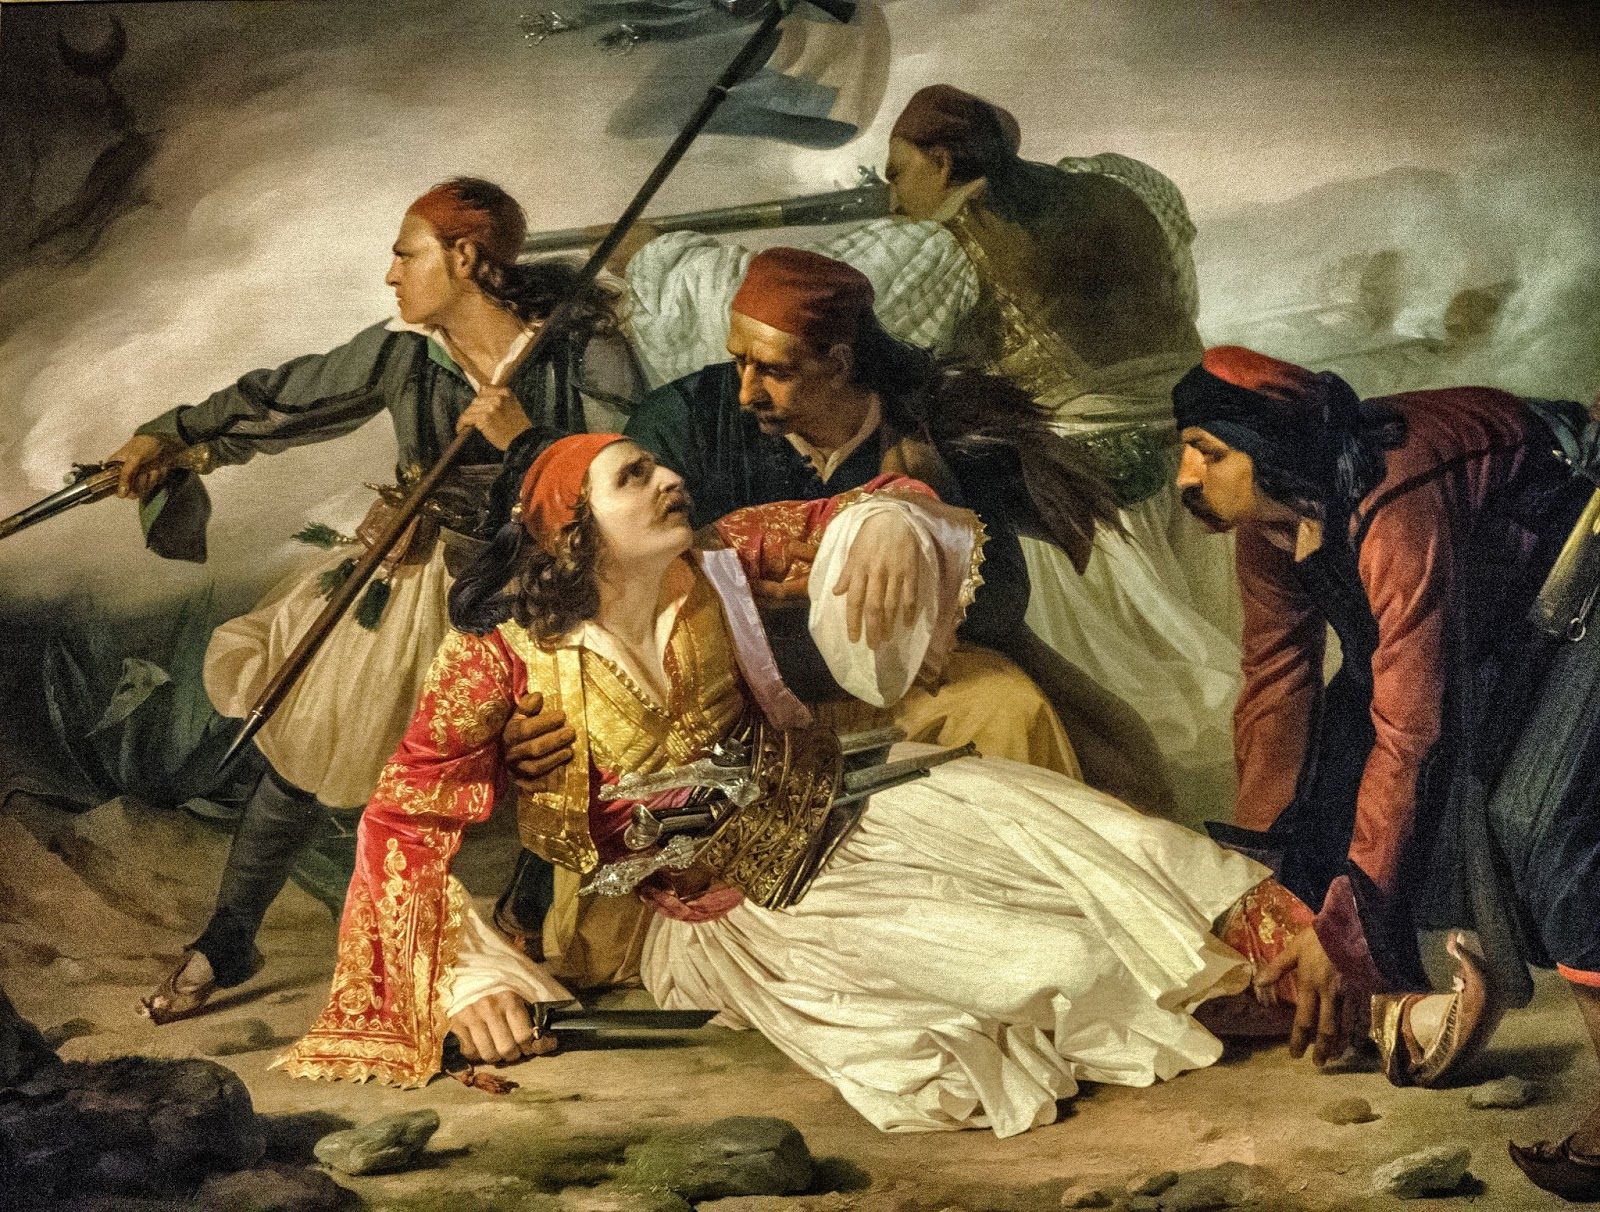 ν «Ο θάνατος του Μάρκου Μπότσαρη» (1841), Δημοτικό Μουσείο Τεργέστης